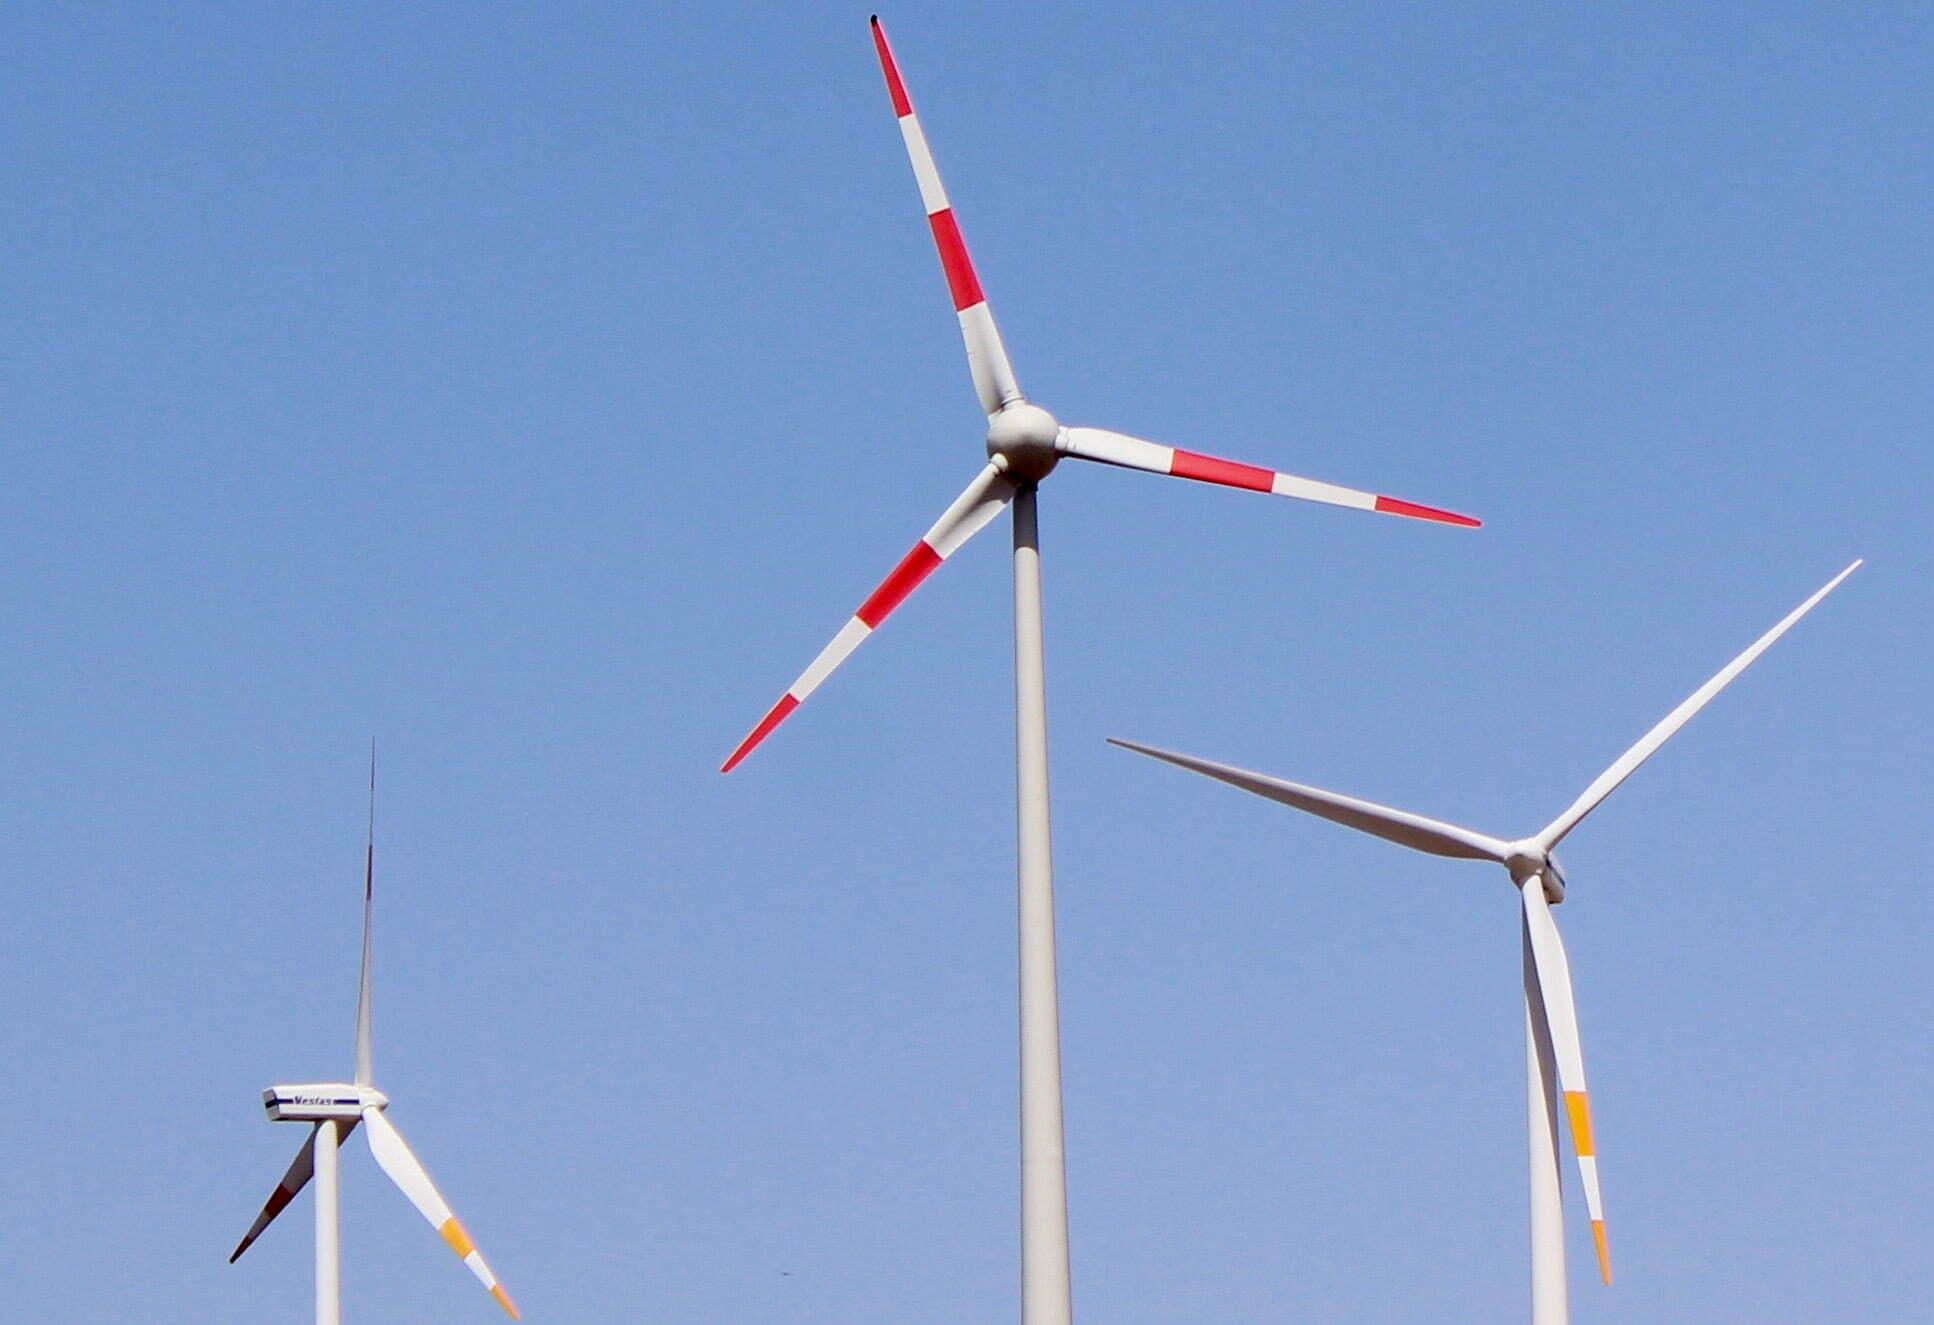 Drie windmolens voor een blauwe lucht.